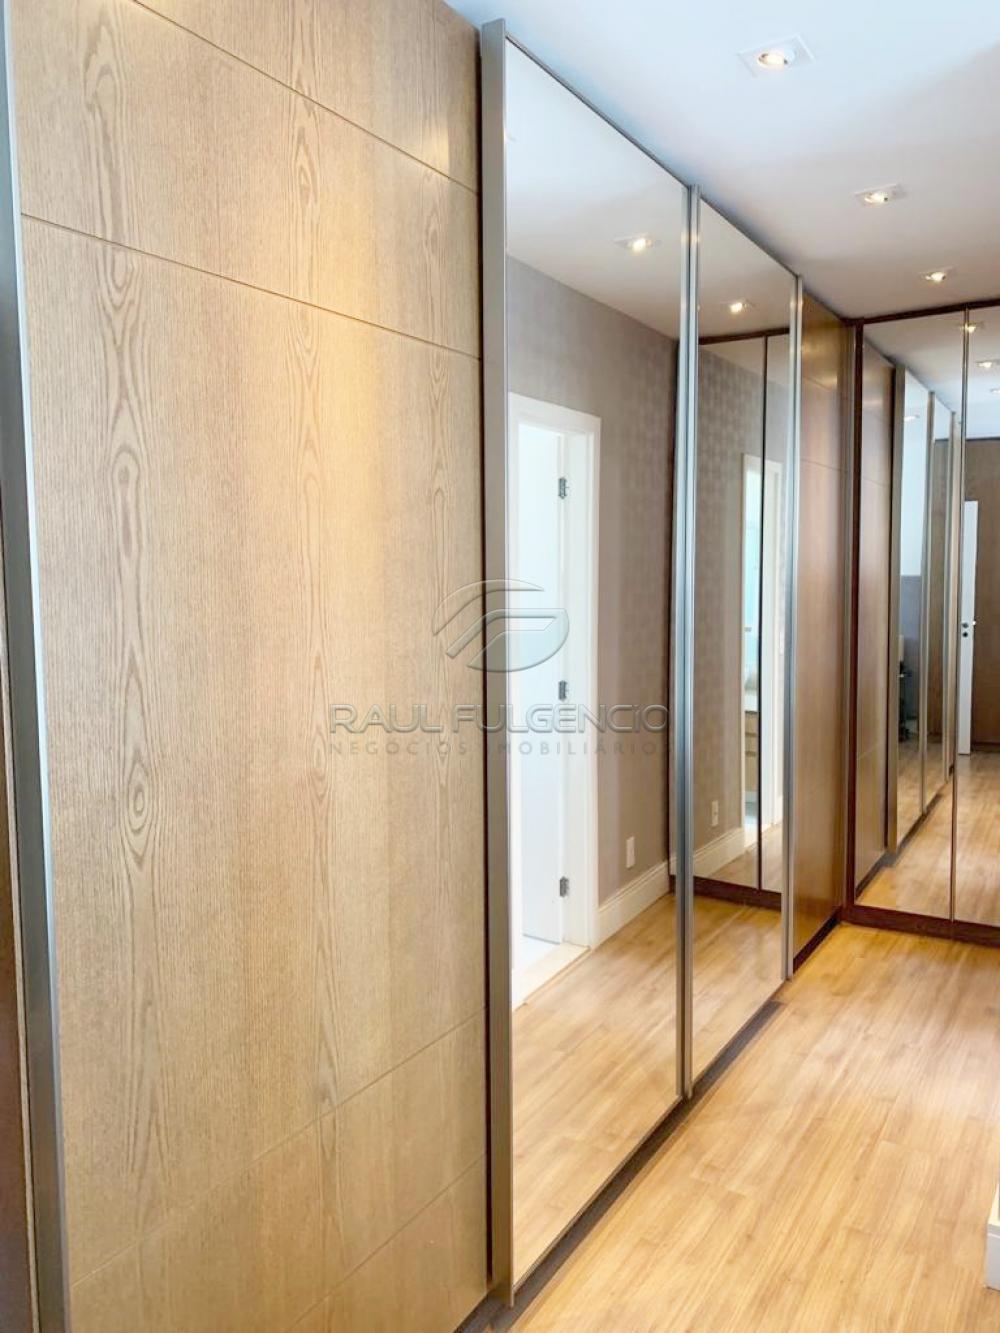 Comprar Apartamento / Padrão em Londrina apenas R$ 1.250.000,00 - Foto 25